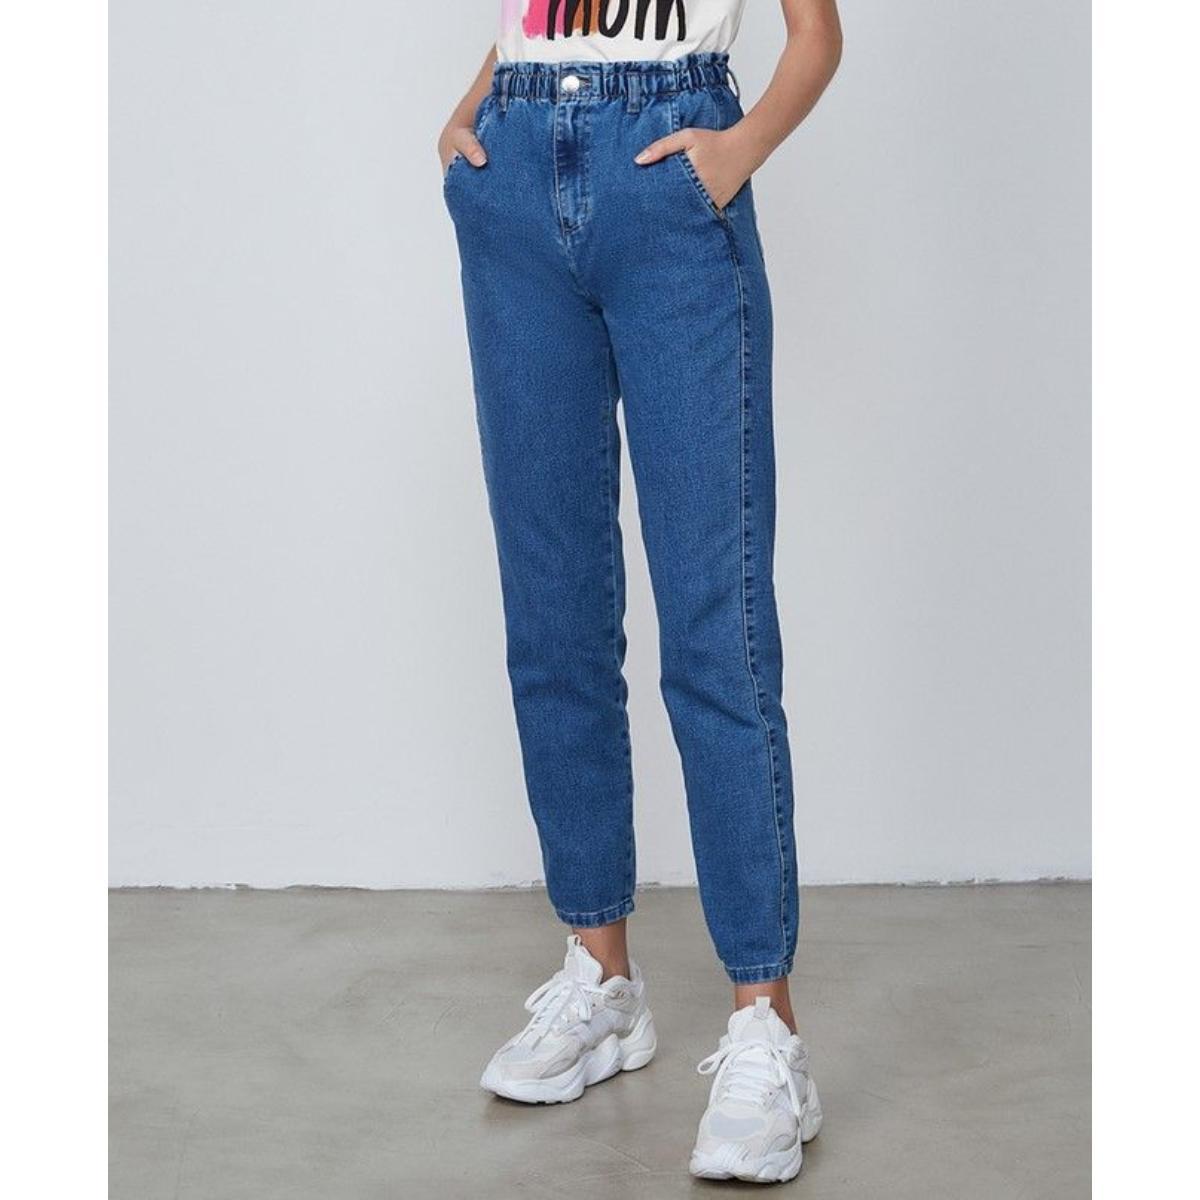 Calça Feminina Dzarm Zu78 1asn Jeans